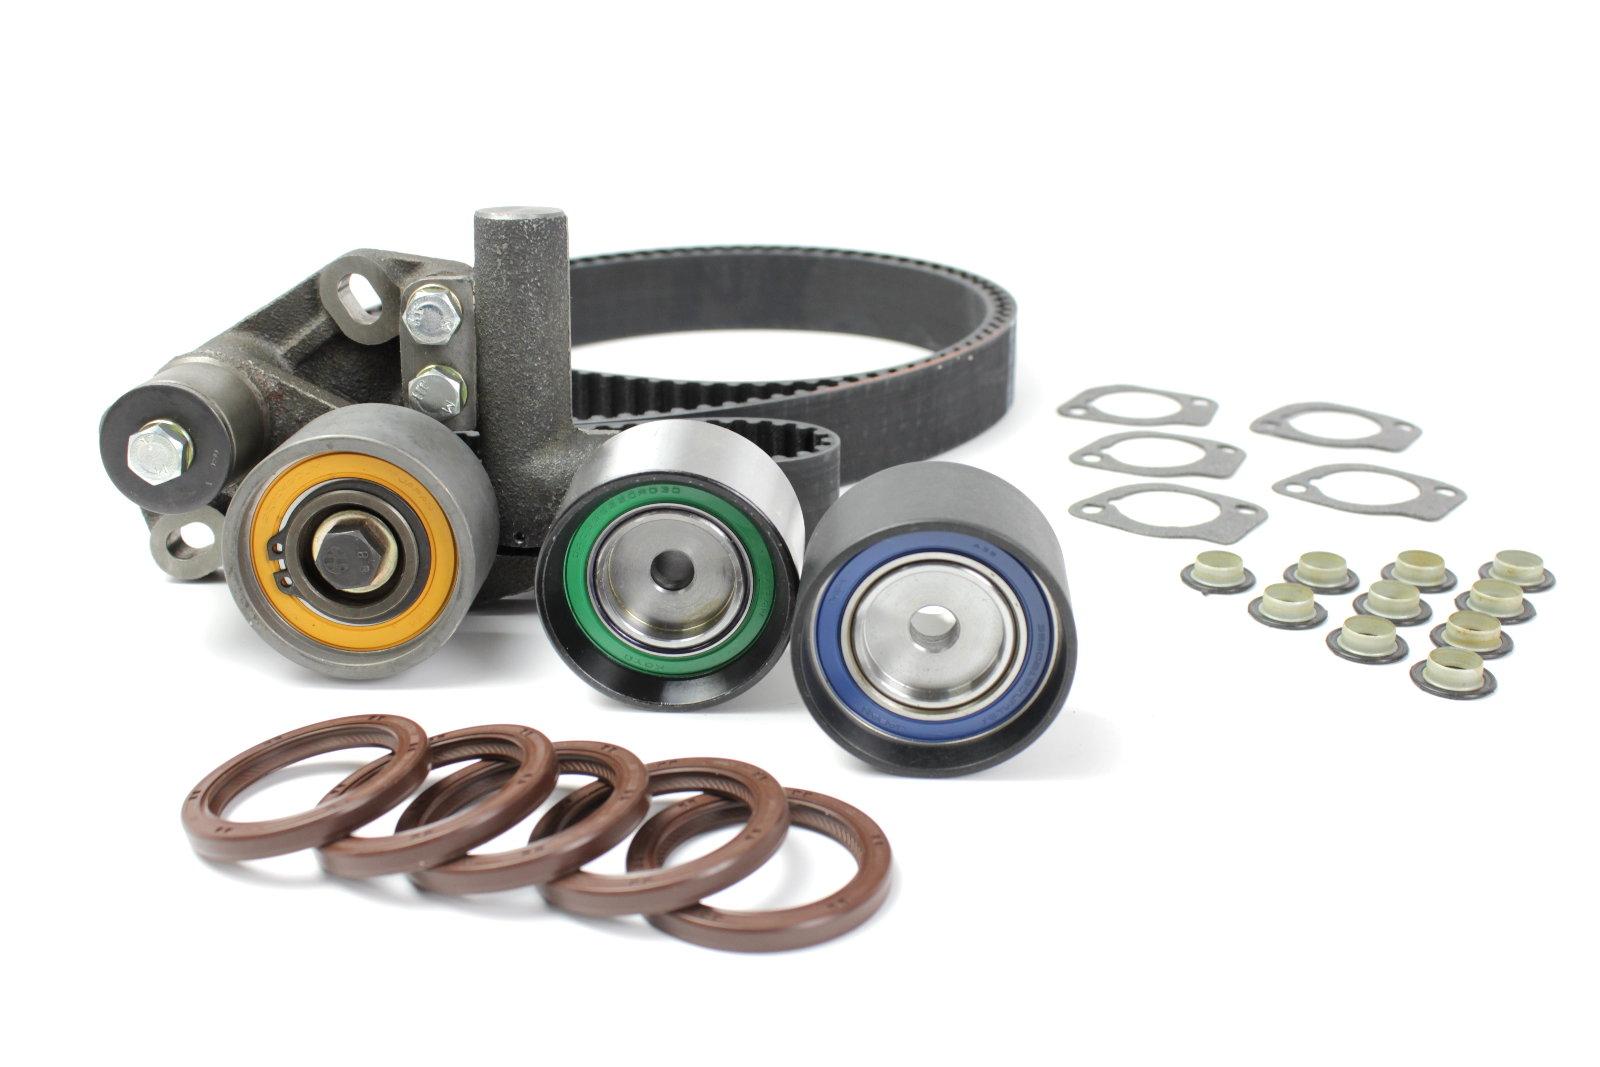 Timing Belt Kit Fits 94~96 Nissan 300ZX -3.0L V6 & Turbo W